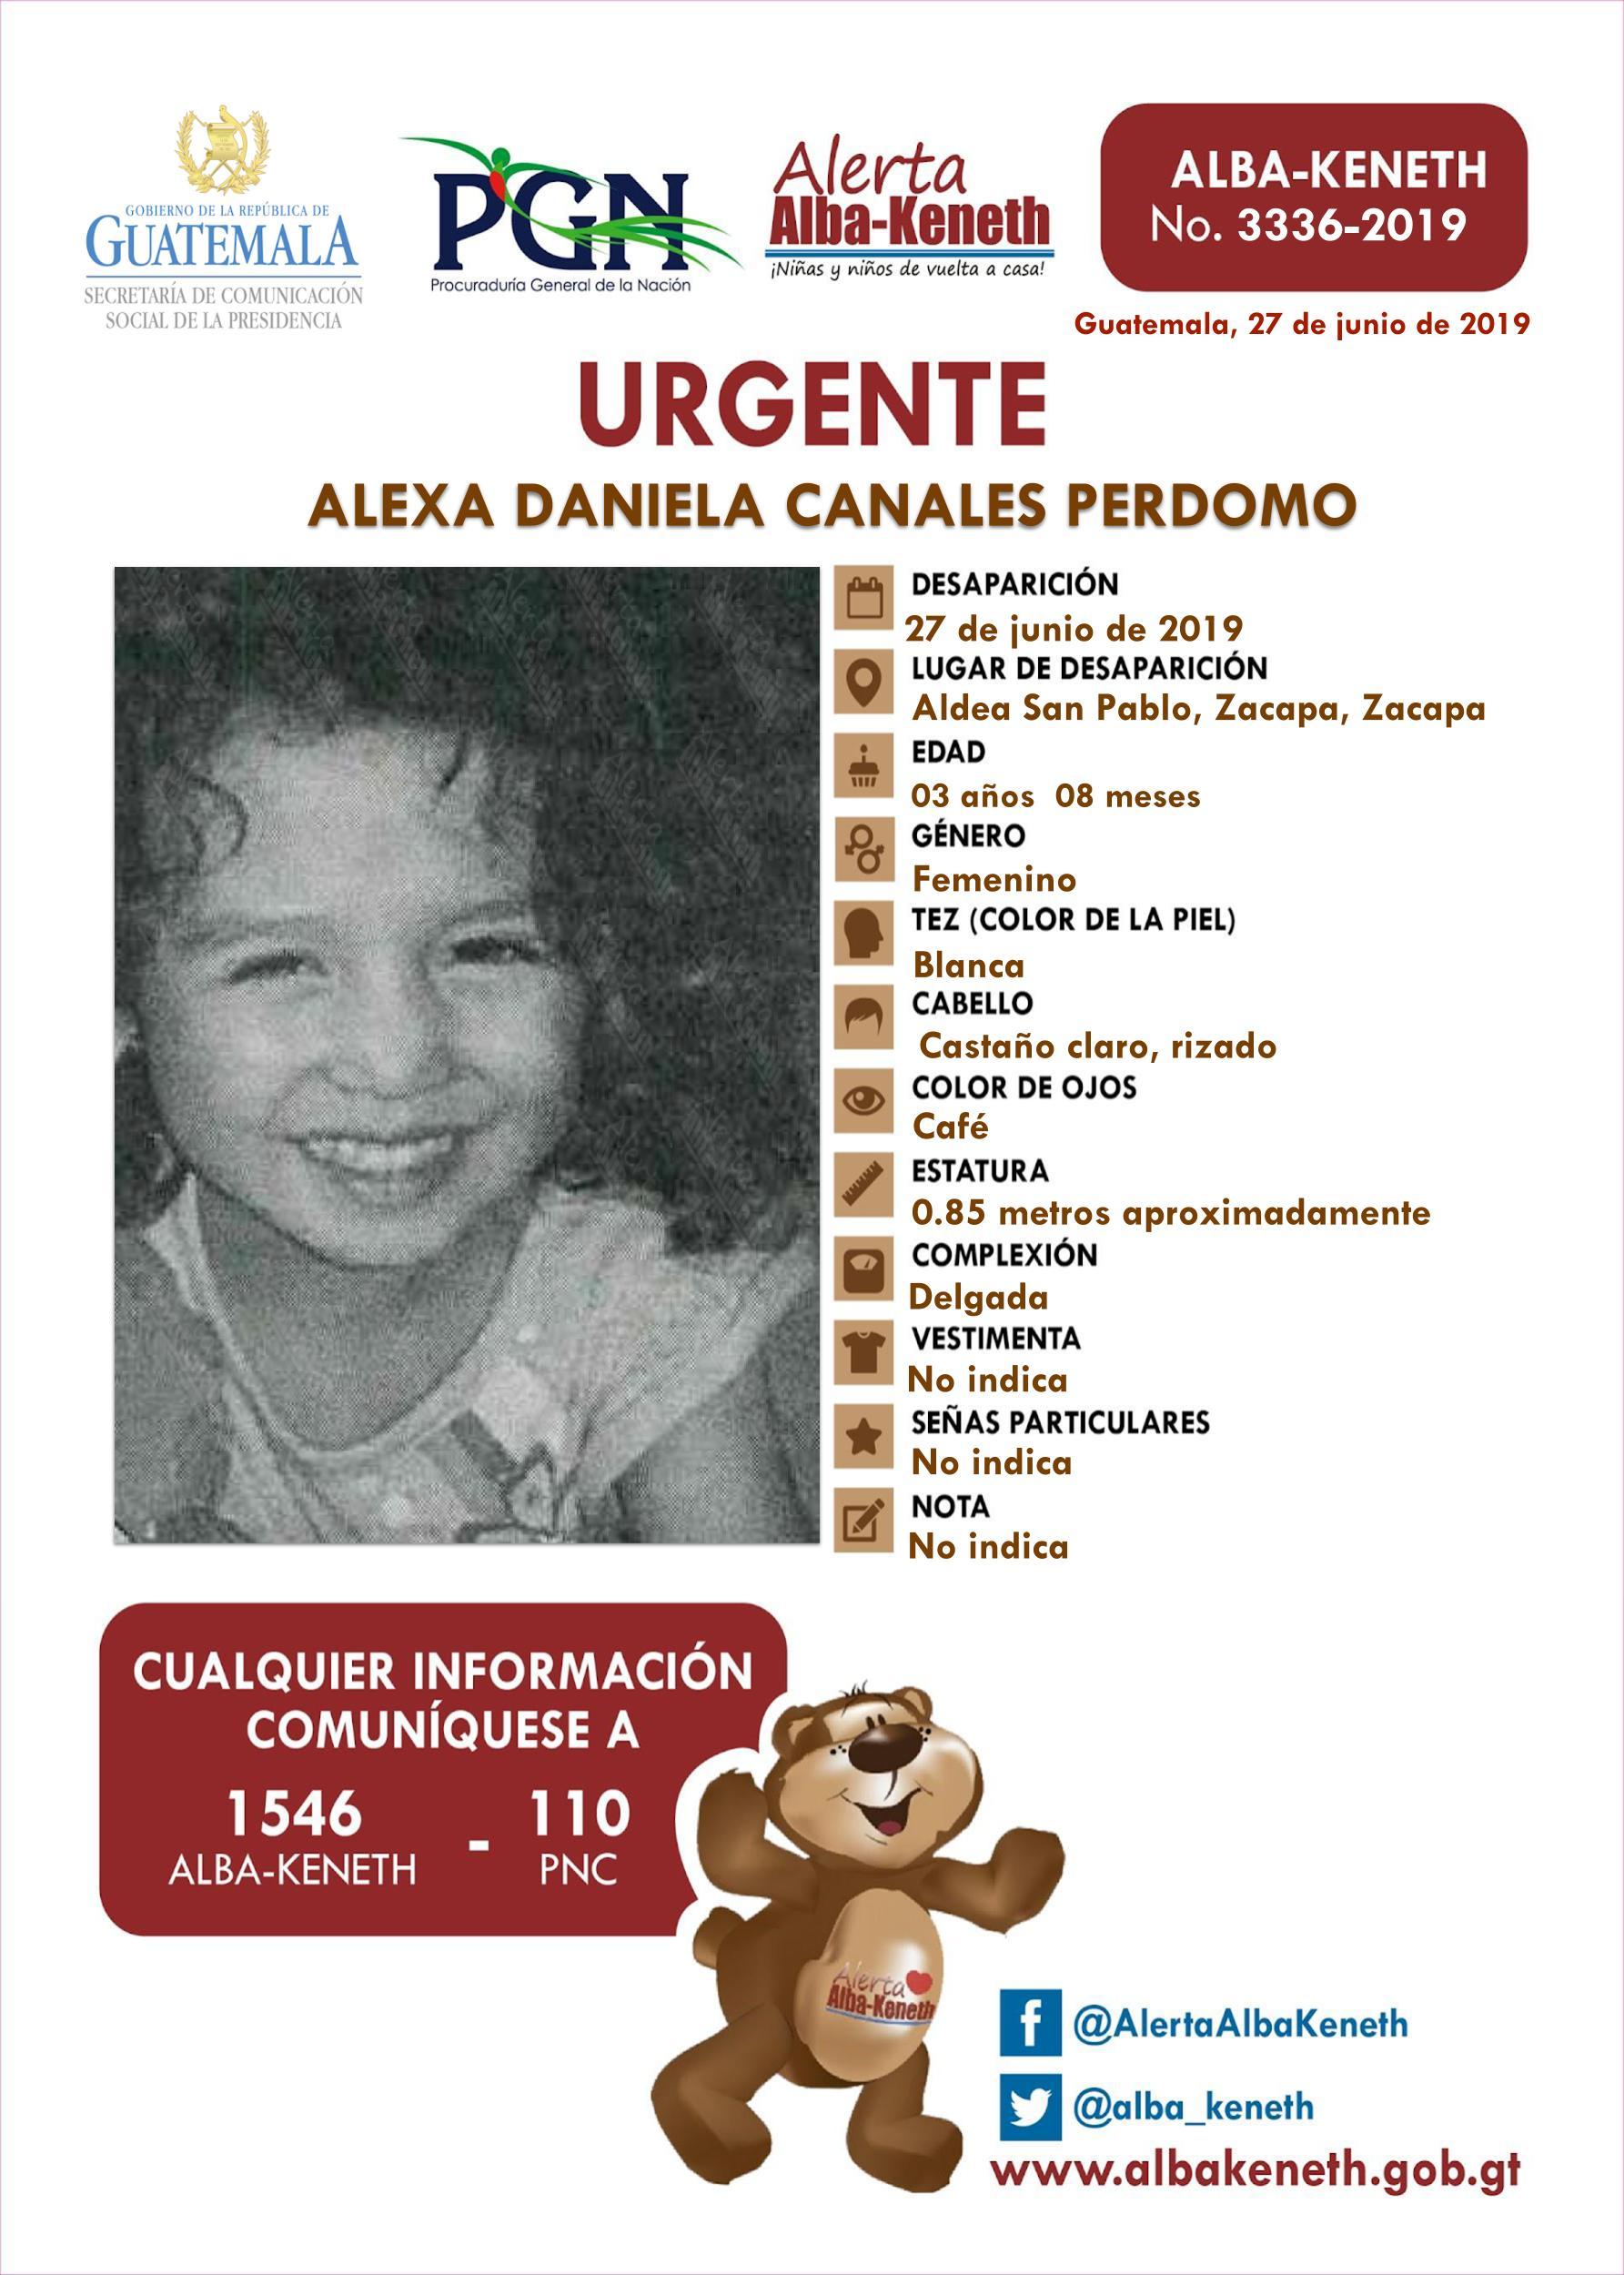 Alexa Daniela Canales Perdomo